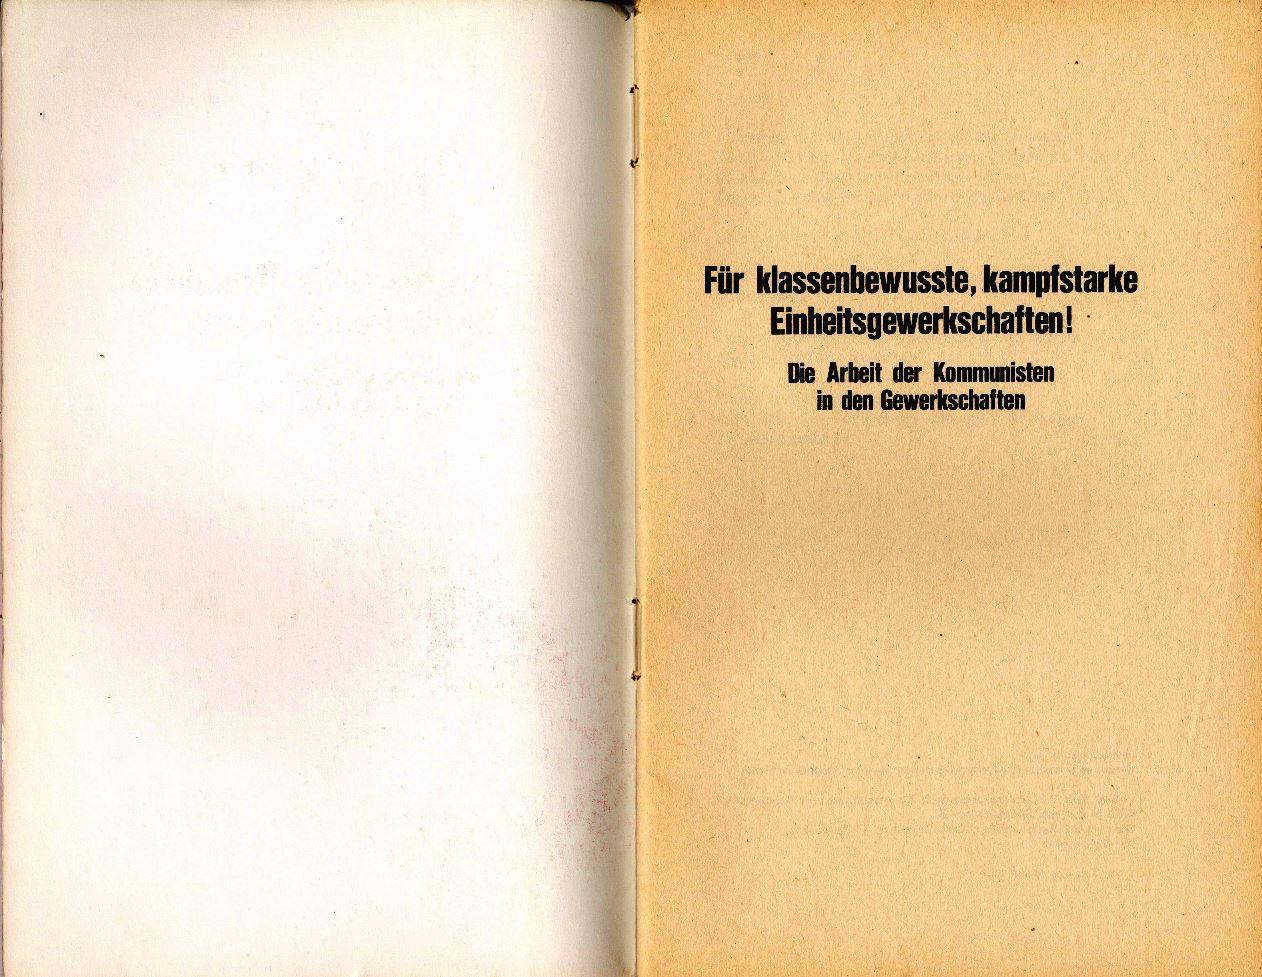 KBW_Einheitsgewerkschaft002